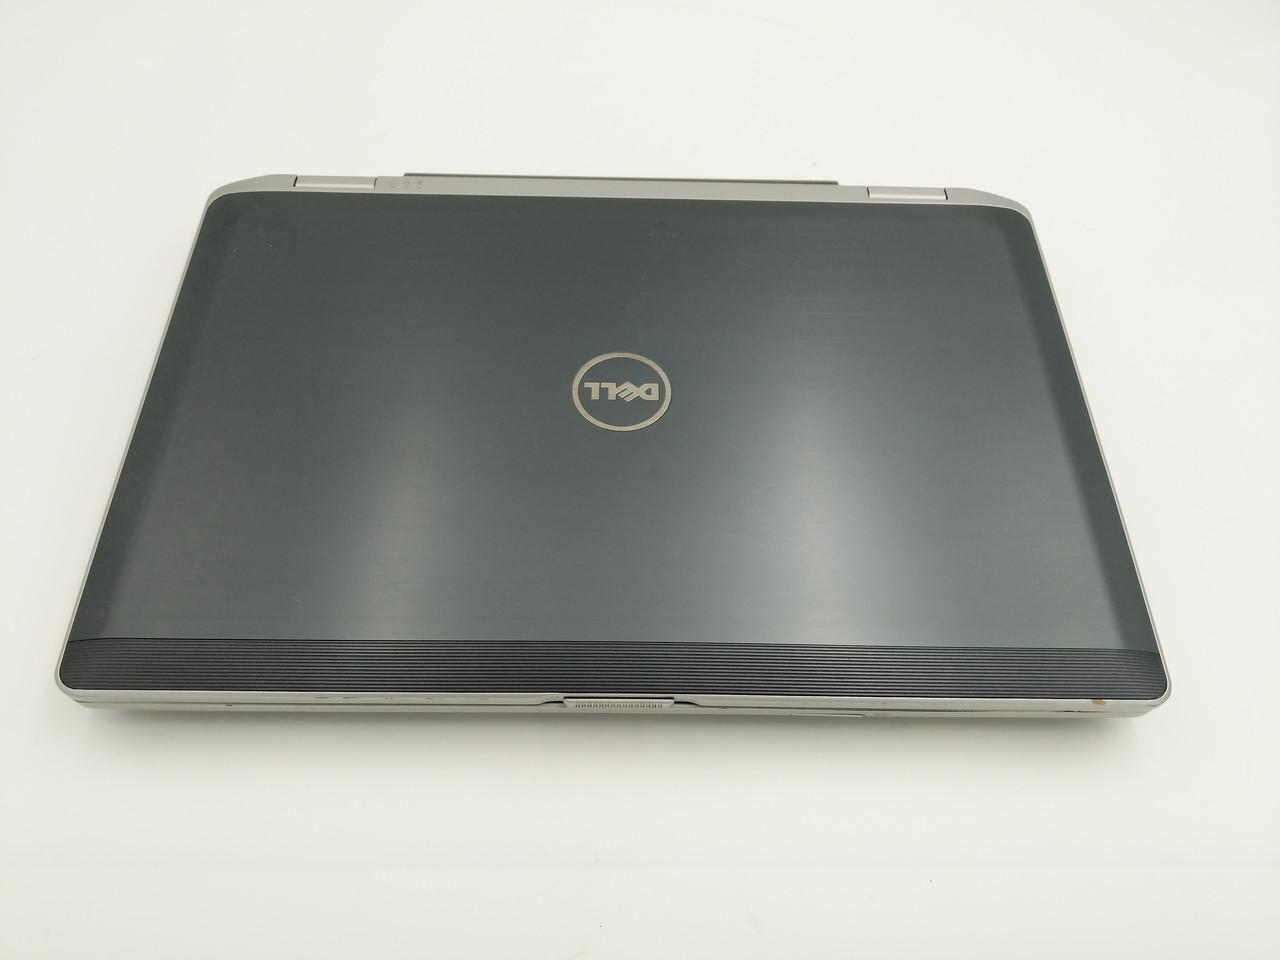 Б/У Dell Latitude E6530 15.6″ HD+  i5-3320M /DDR3 8 Gb /SSD  240Нет в наличии 2